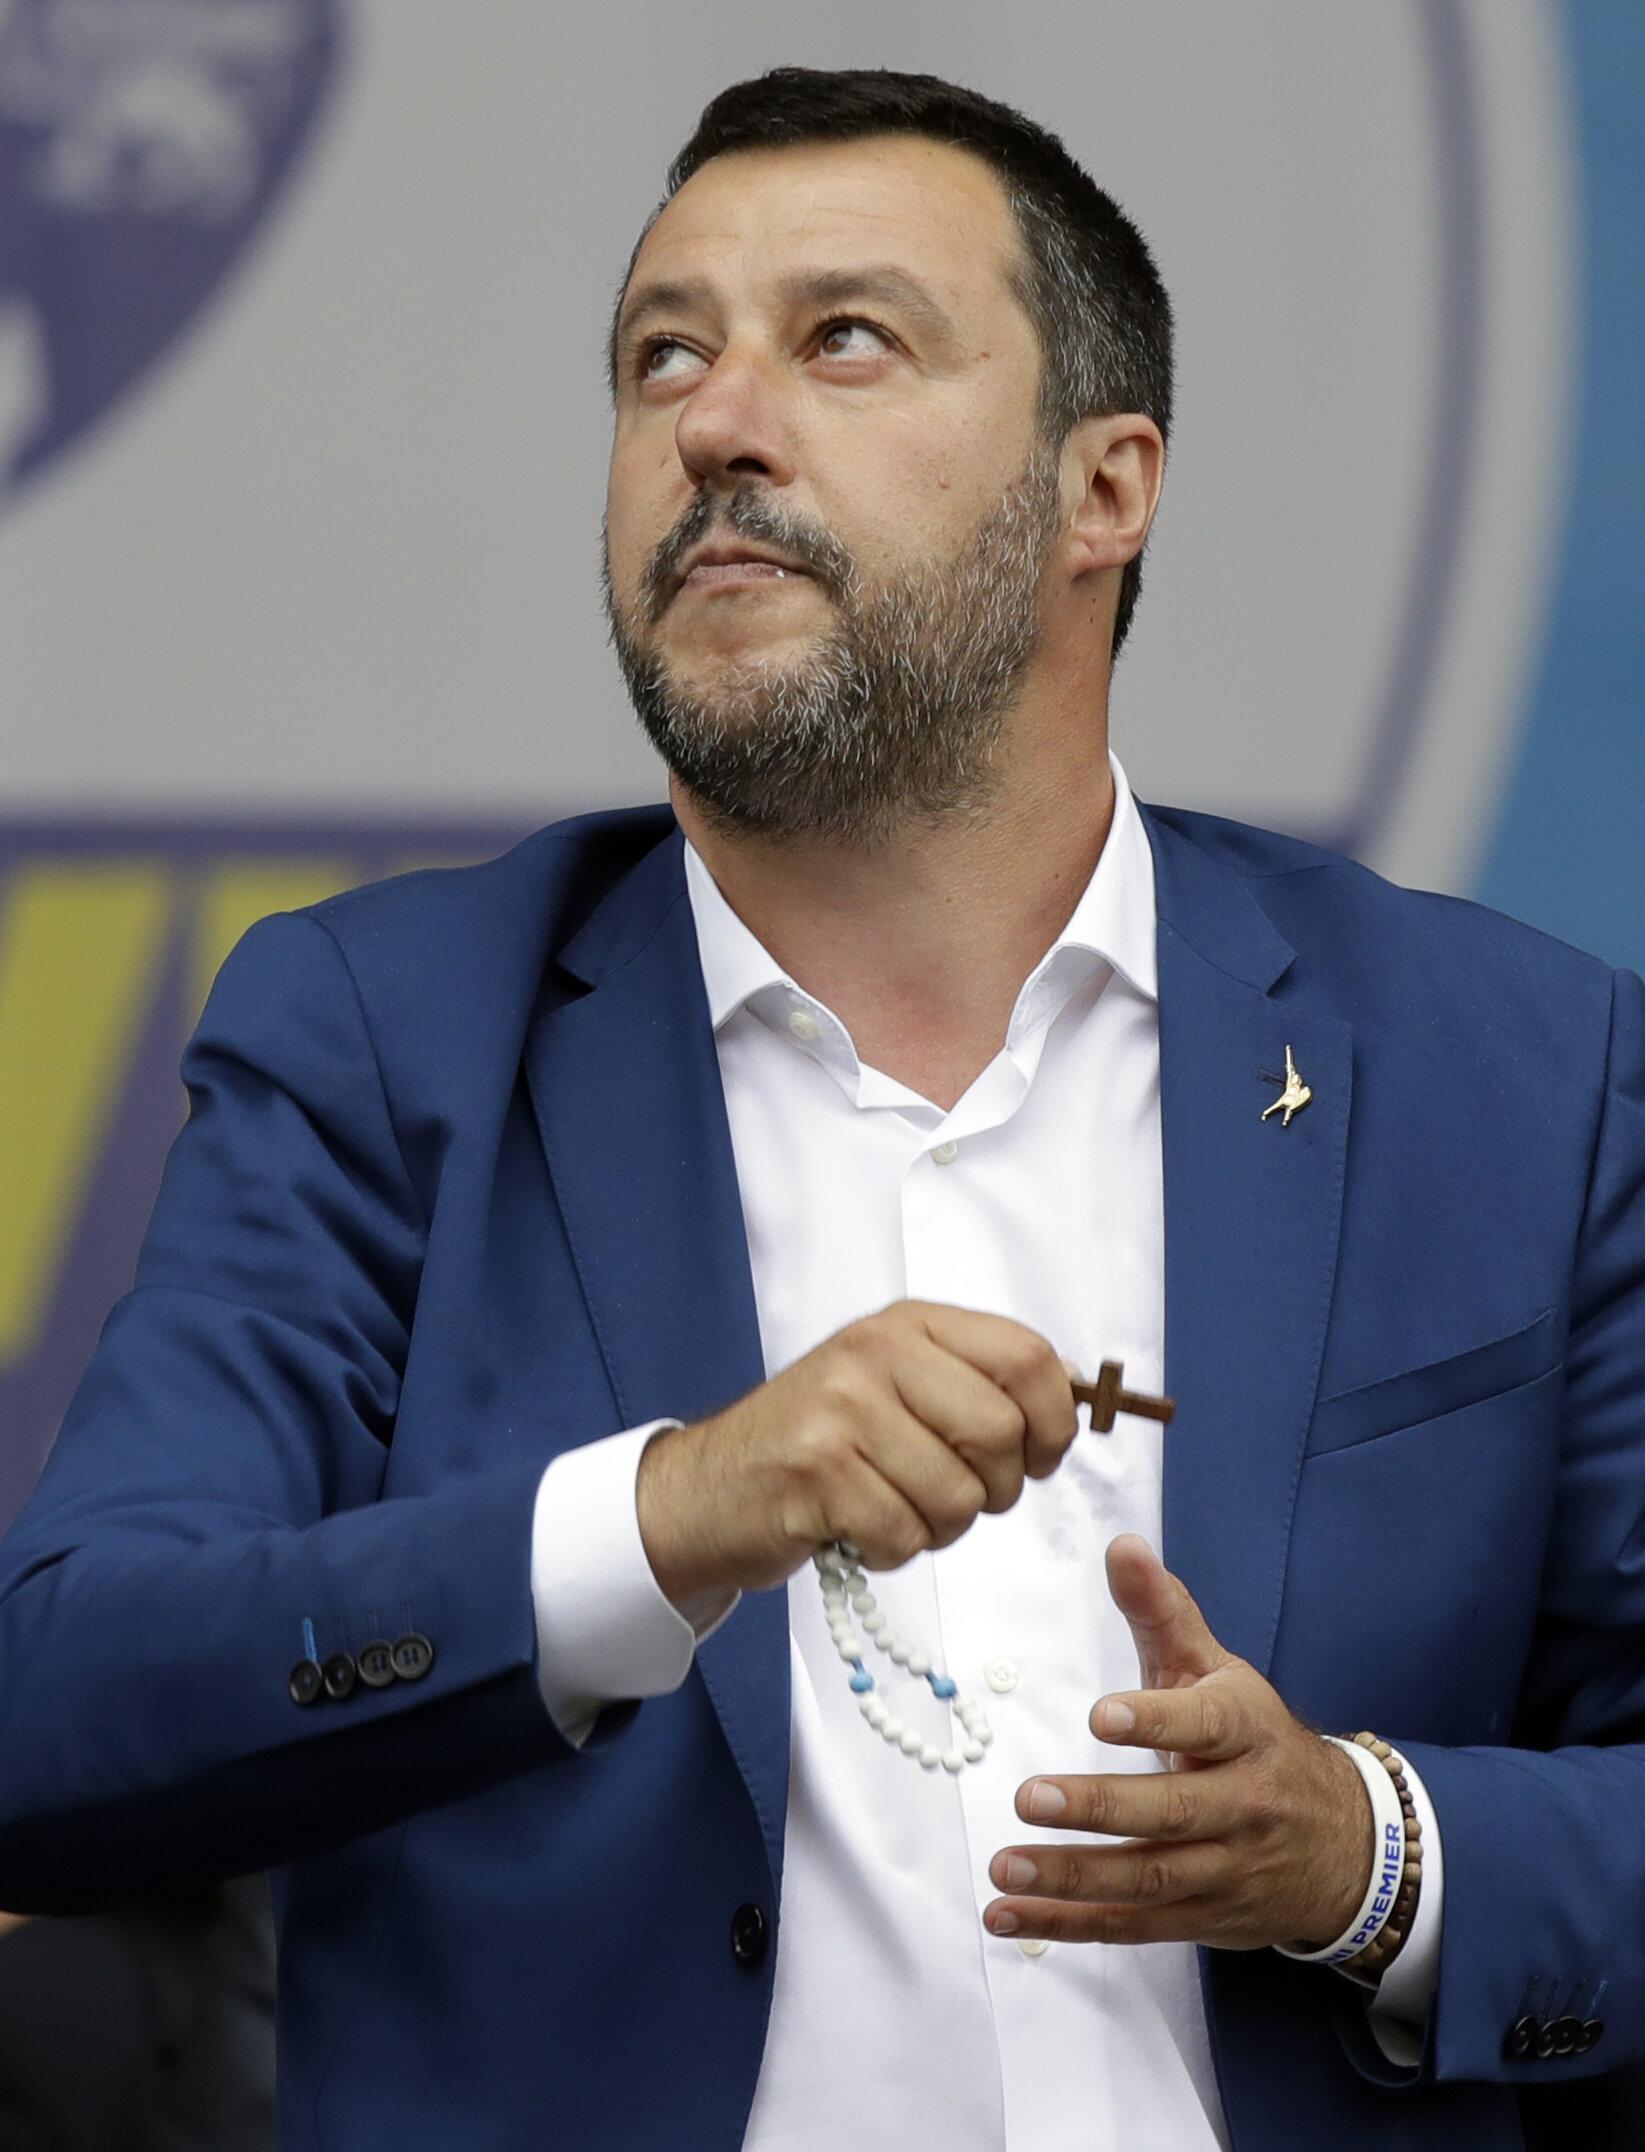 Che ha da dire Salvini su Mirandola? (di A. De